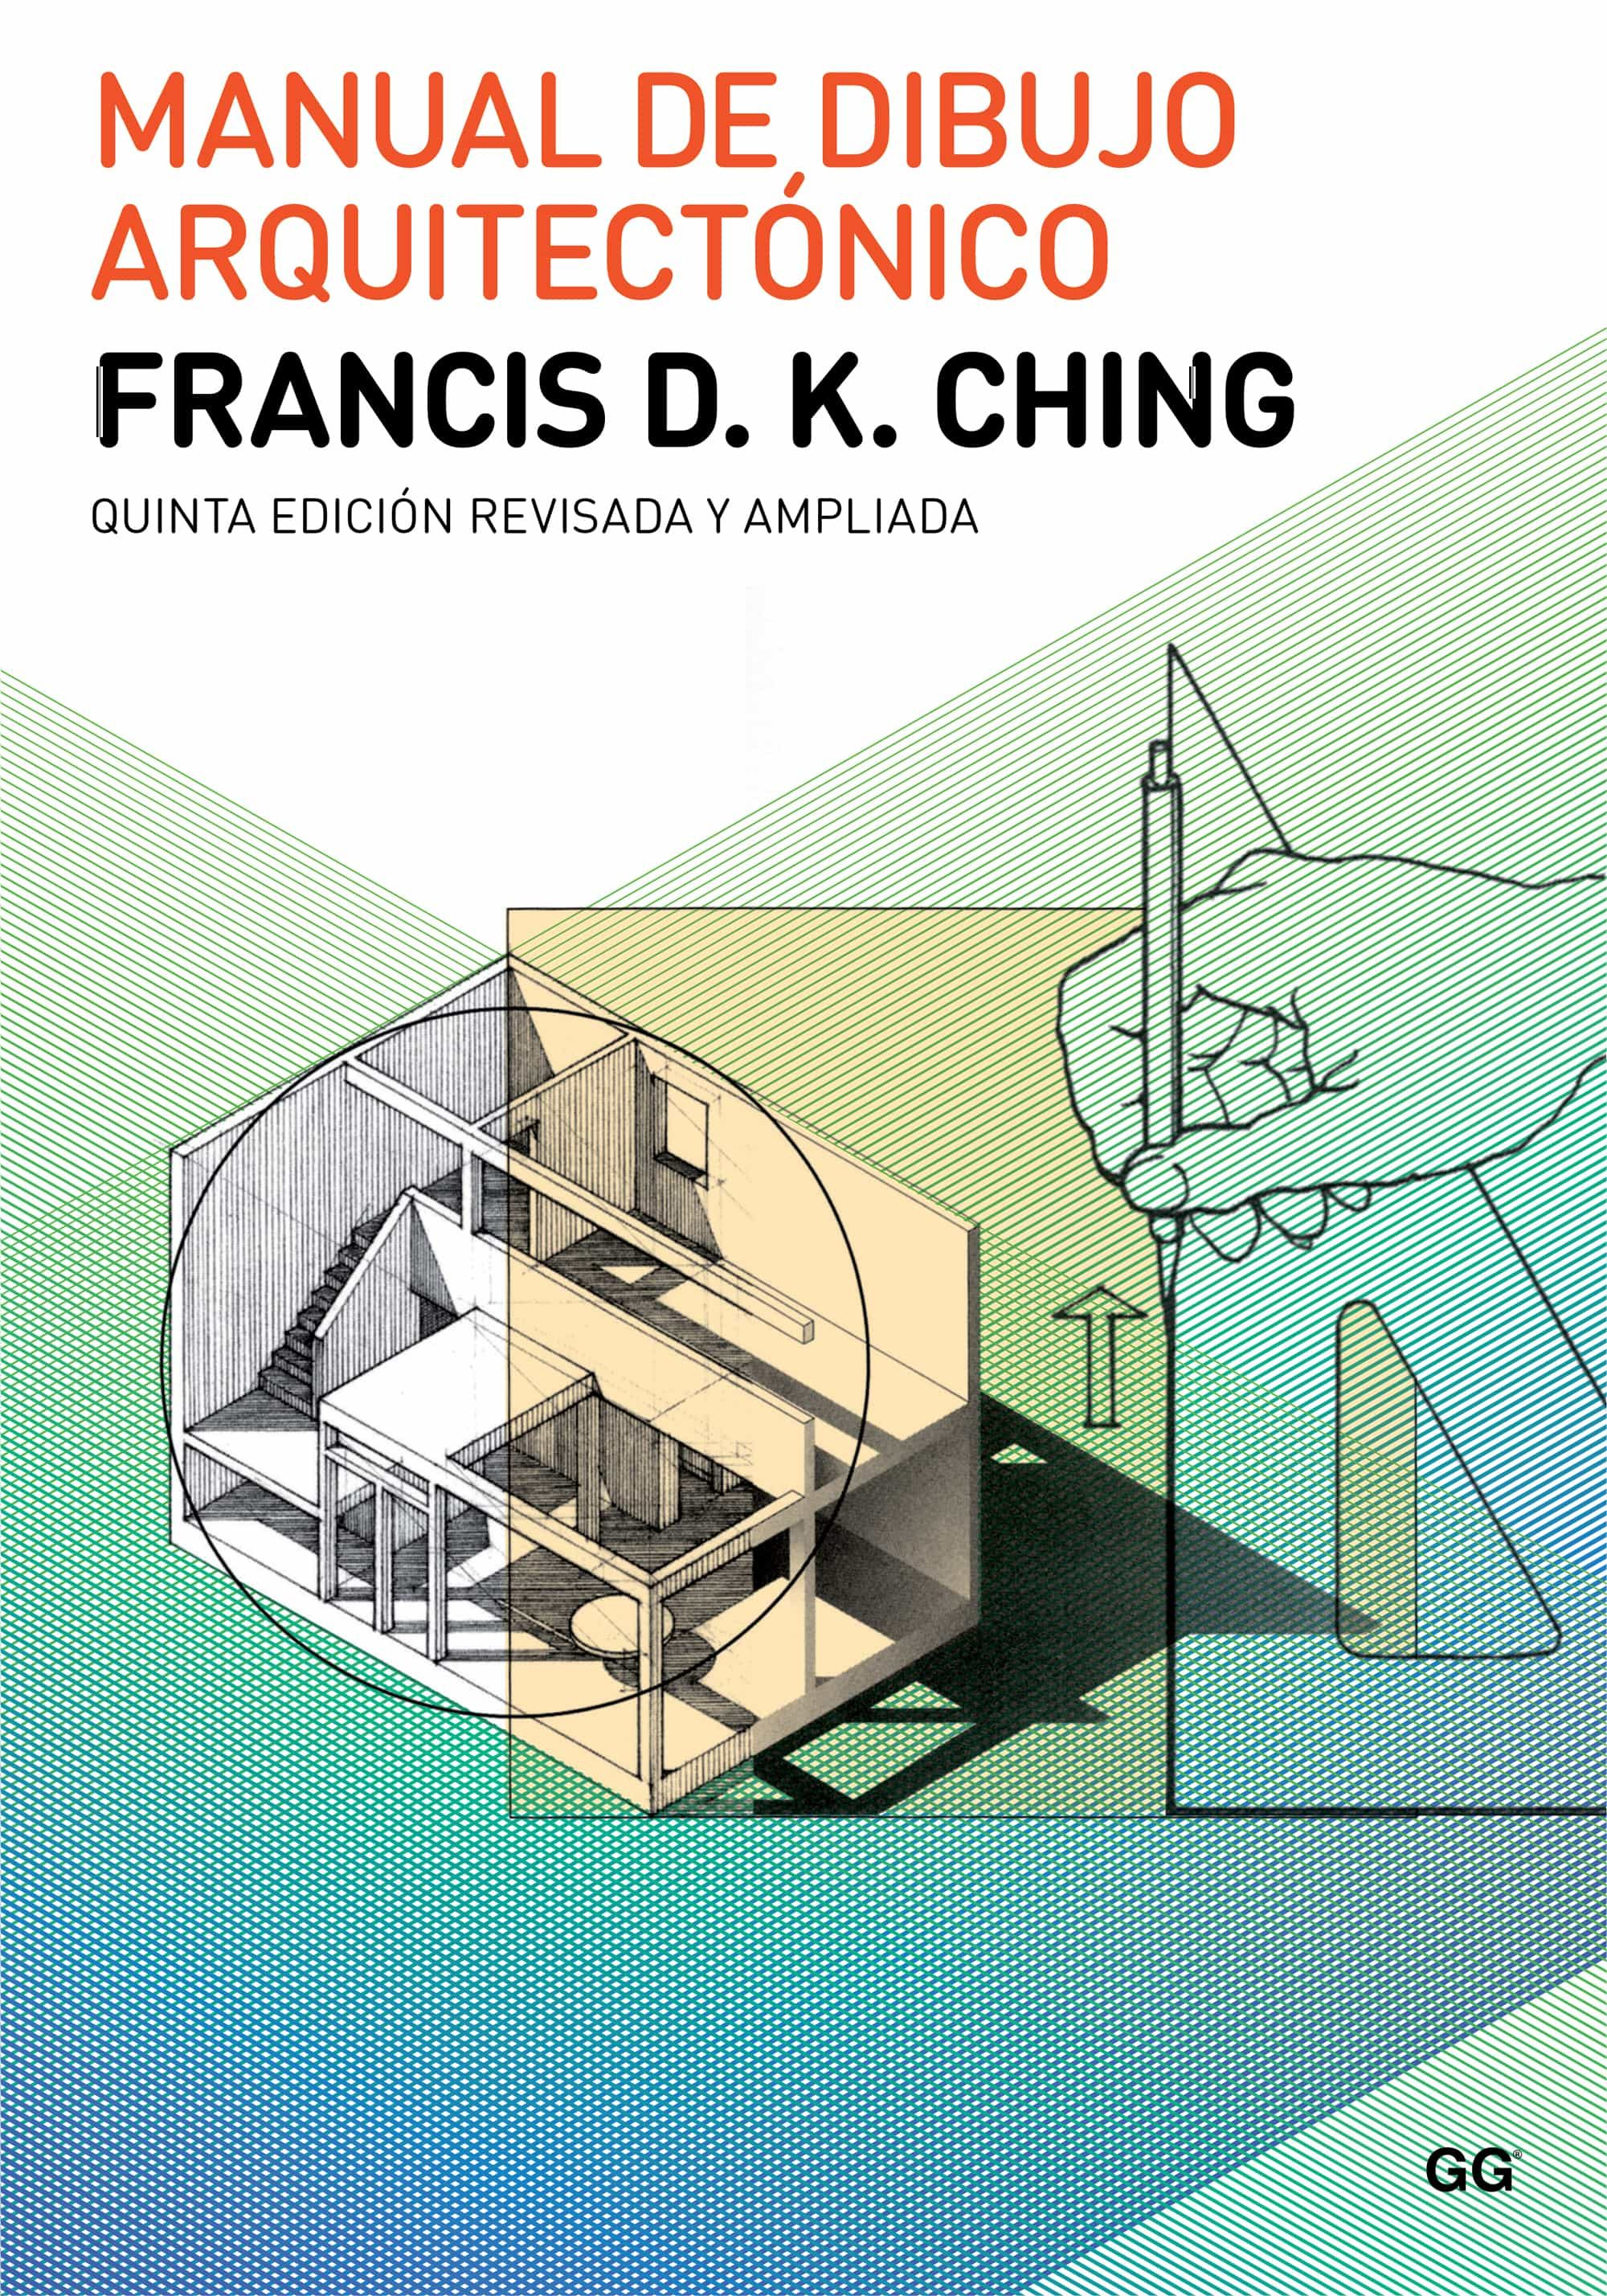 Diccionario visual de arquitectura ebook | francis d. K. Ching.